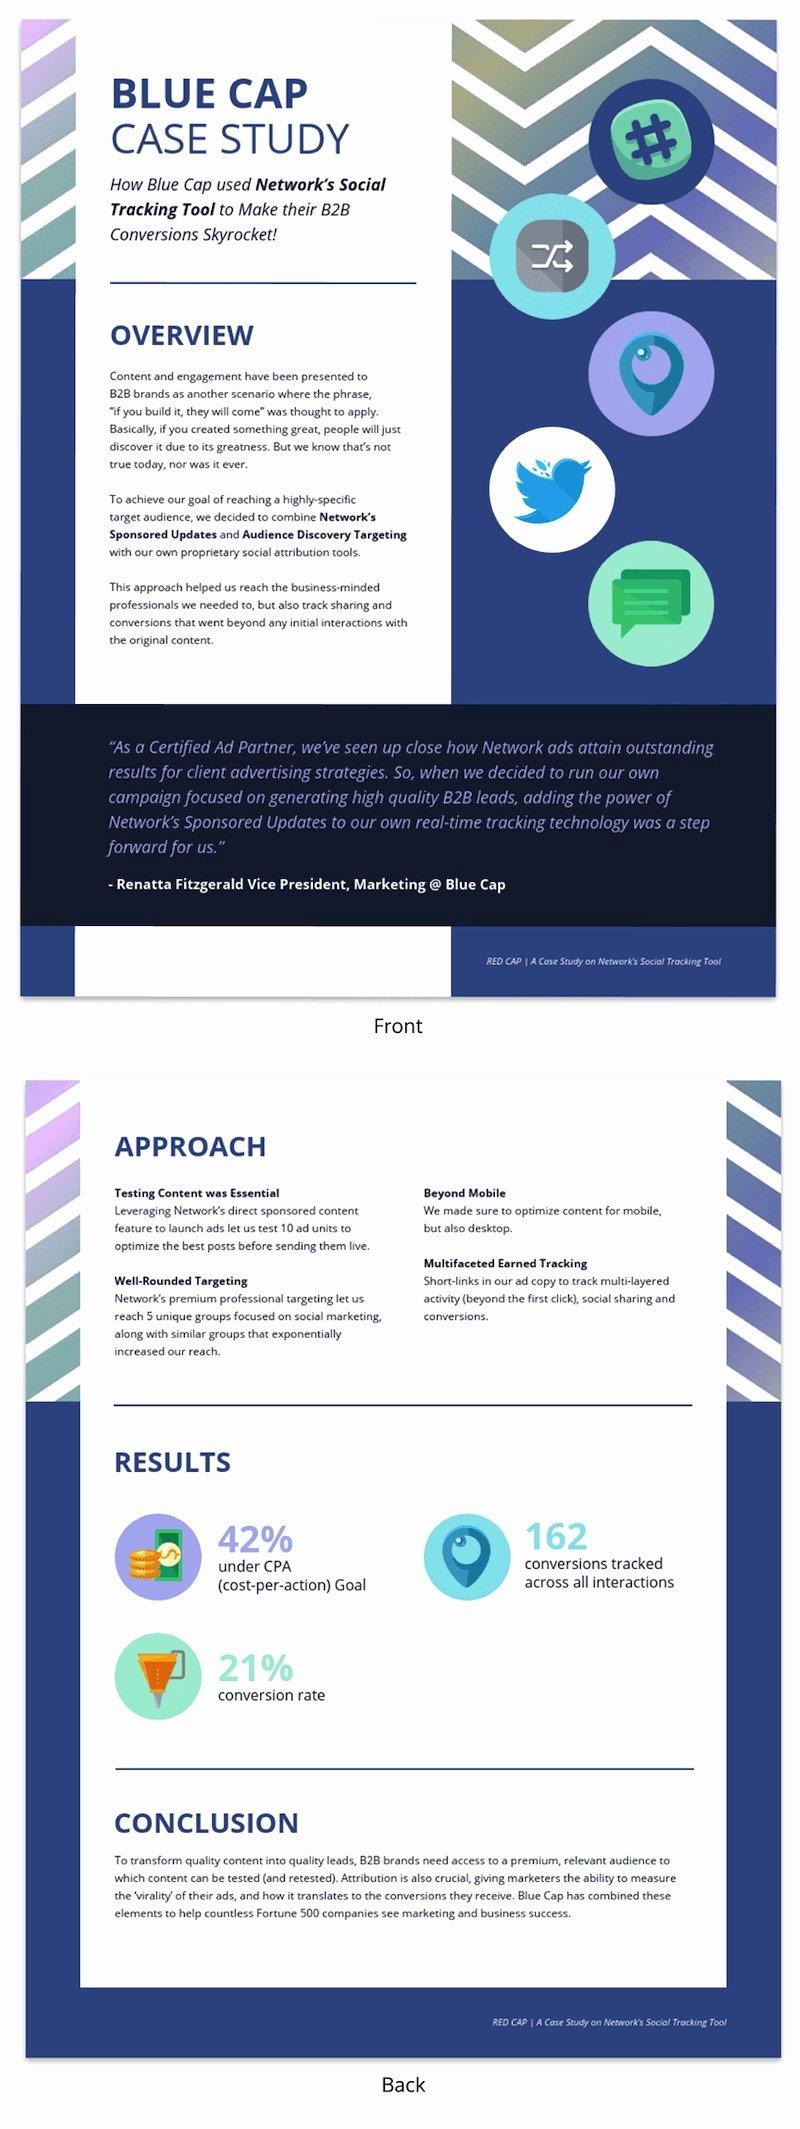 Business Report format Template Unique 30 Business Report Templates Every Business Needs Venngage